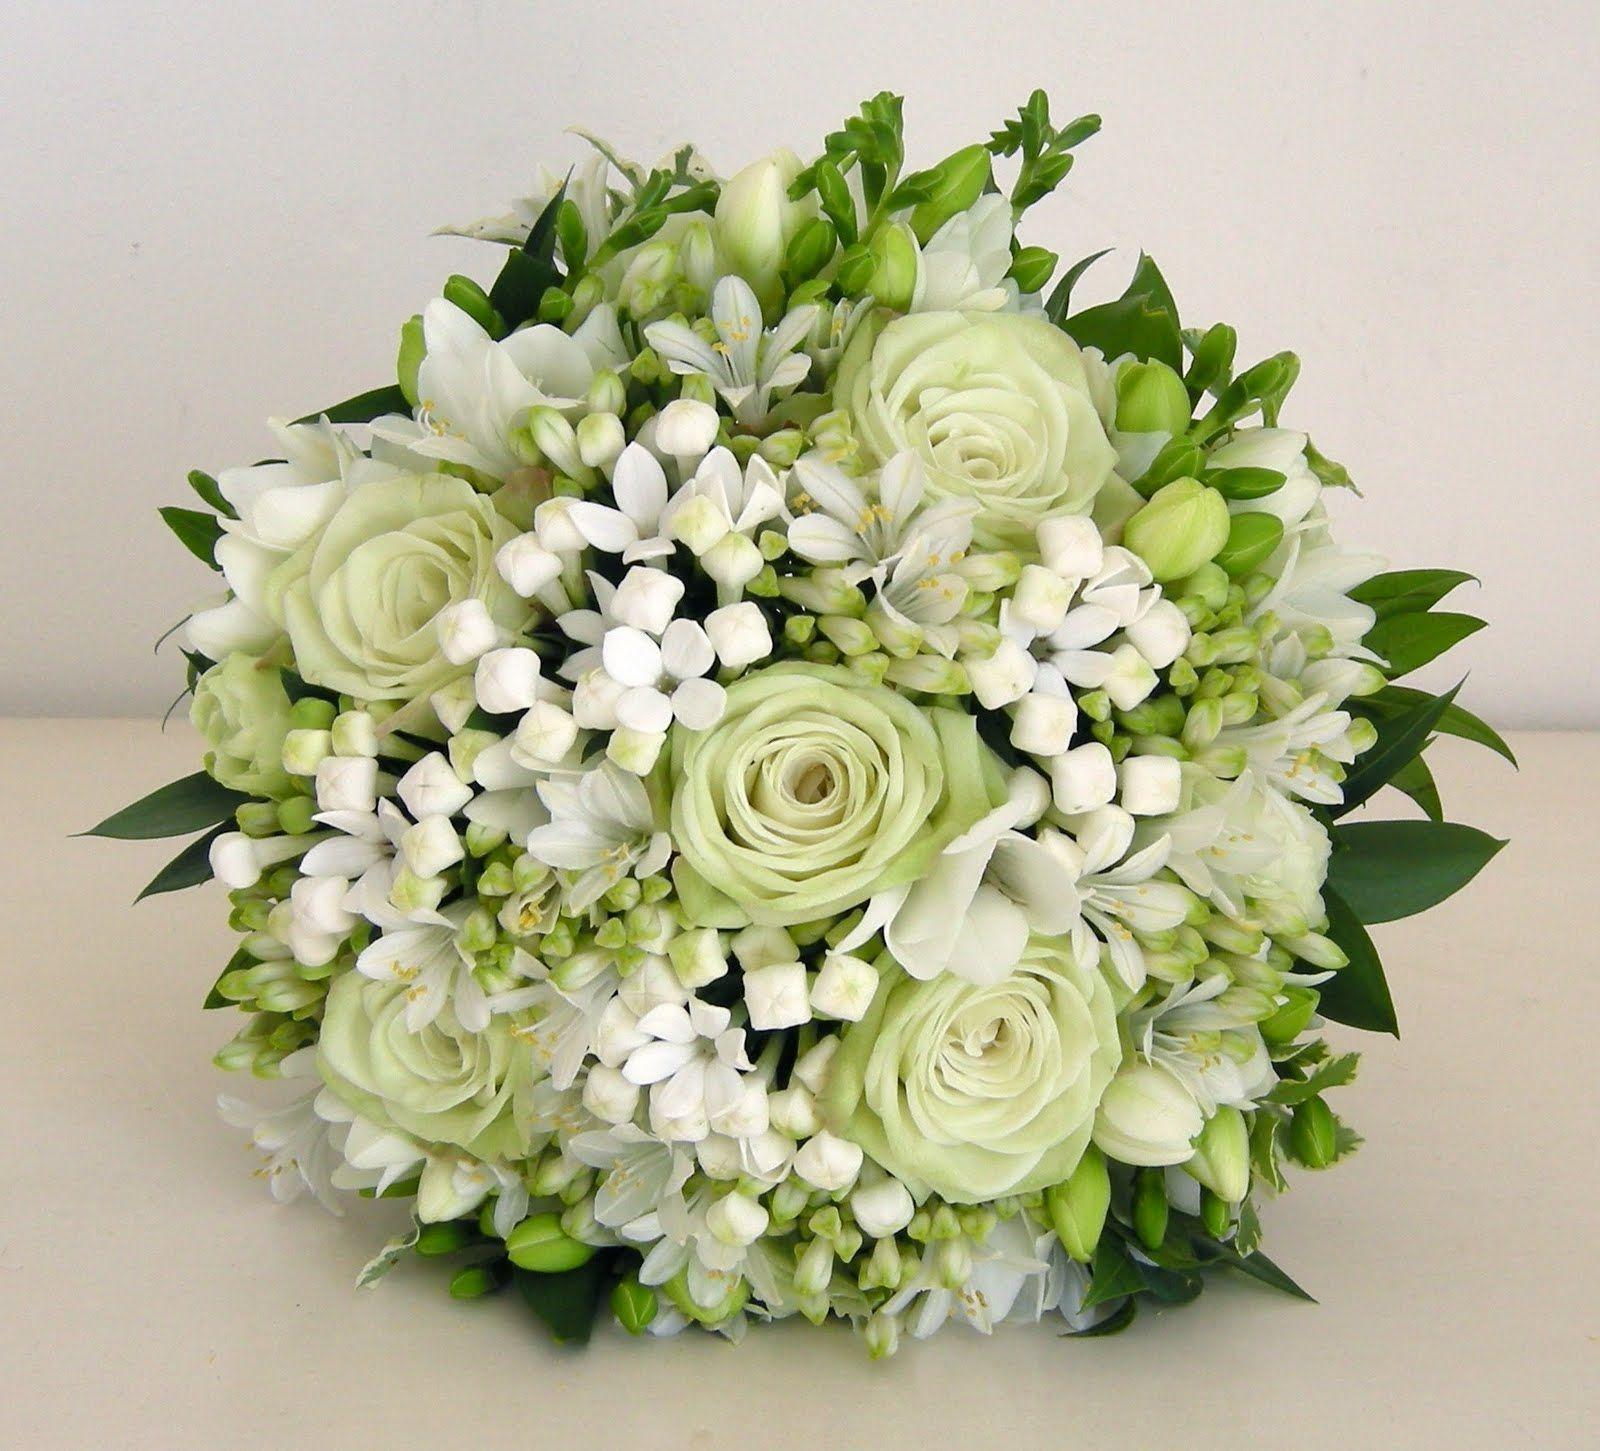 Bouquet Sposa Fiori Darancio.Fiori D Arancio Bouquet Sposa Cerca Con Google Matrimonio Con